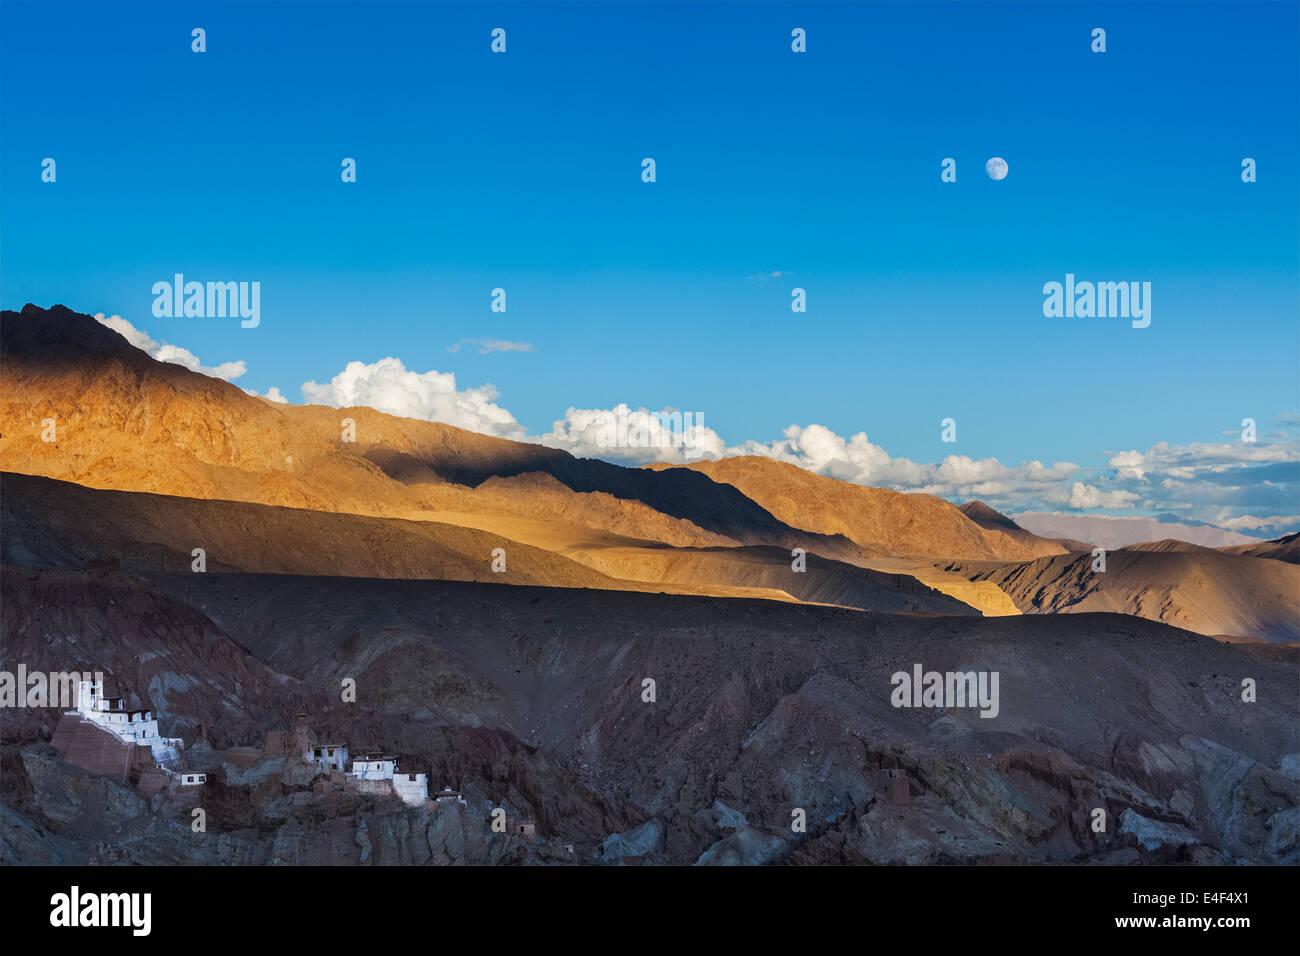 Basgo Gompa (Tibetan Buddhist monastery) and Himalayan landscape on sunset and moonrise. Ladakh, India - Stock Image